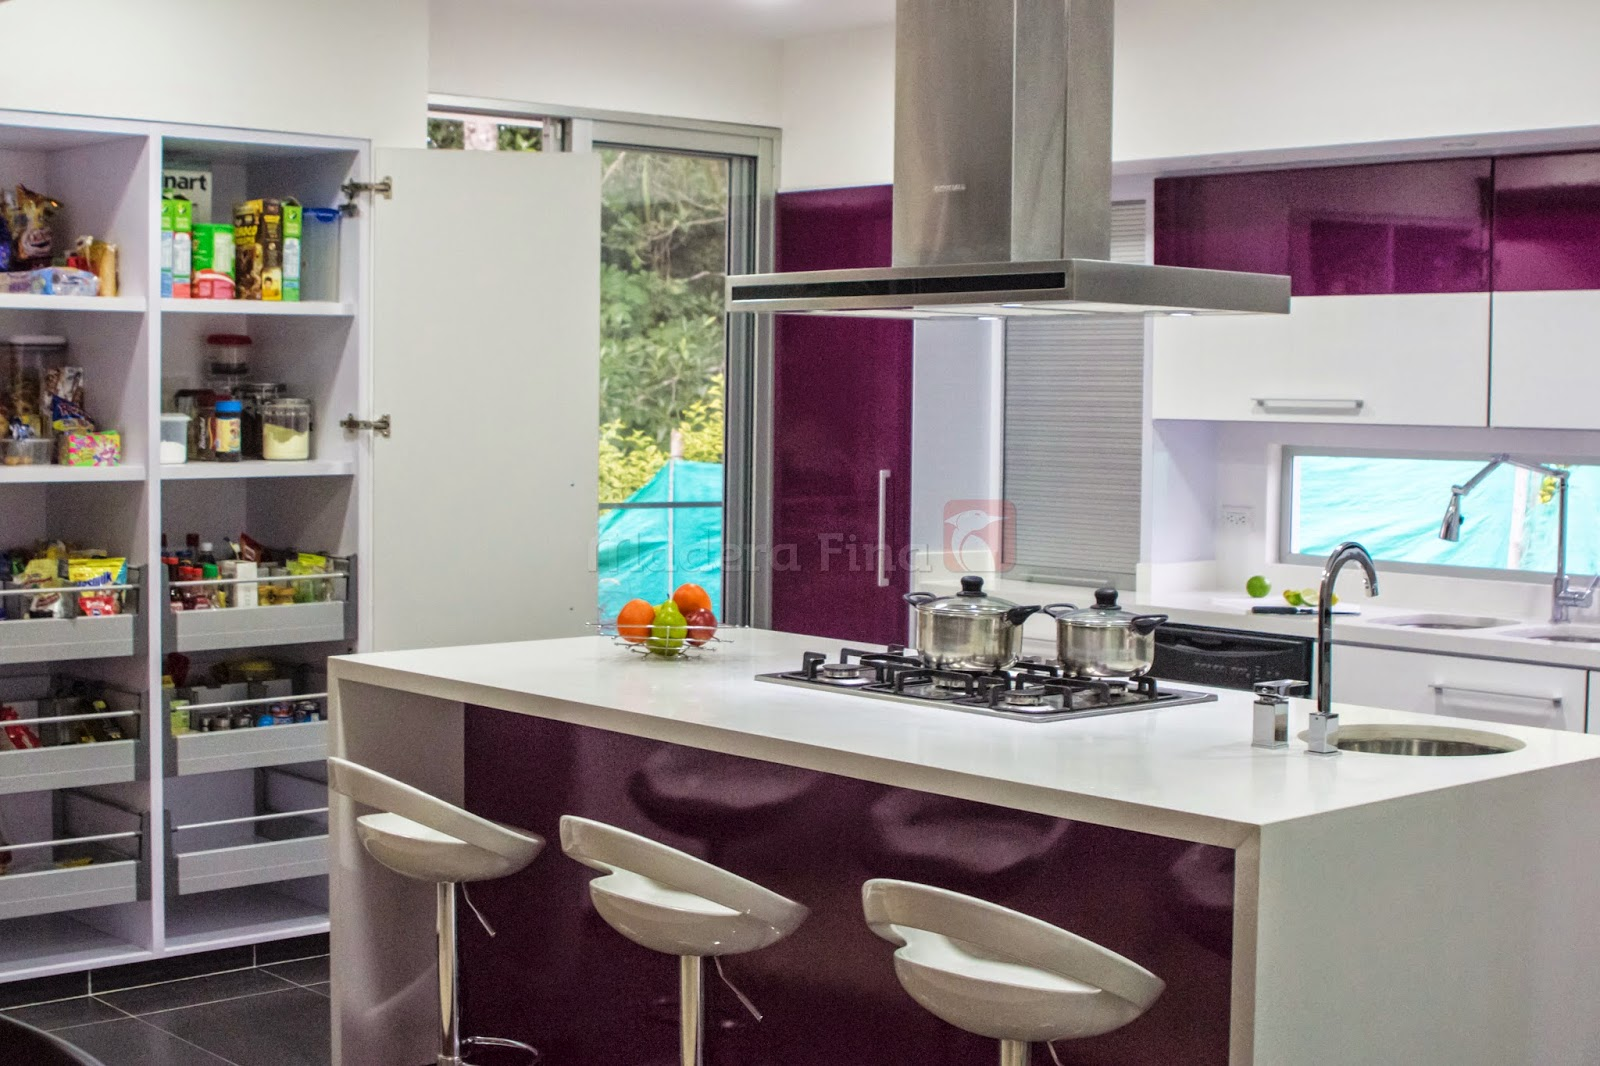 Cocina moderna en pereira morado y blanco cocinas for Cocinas integrales modernas